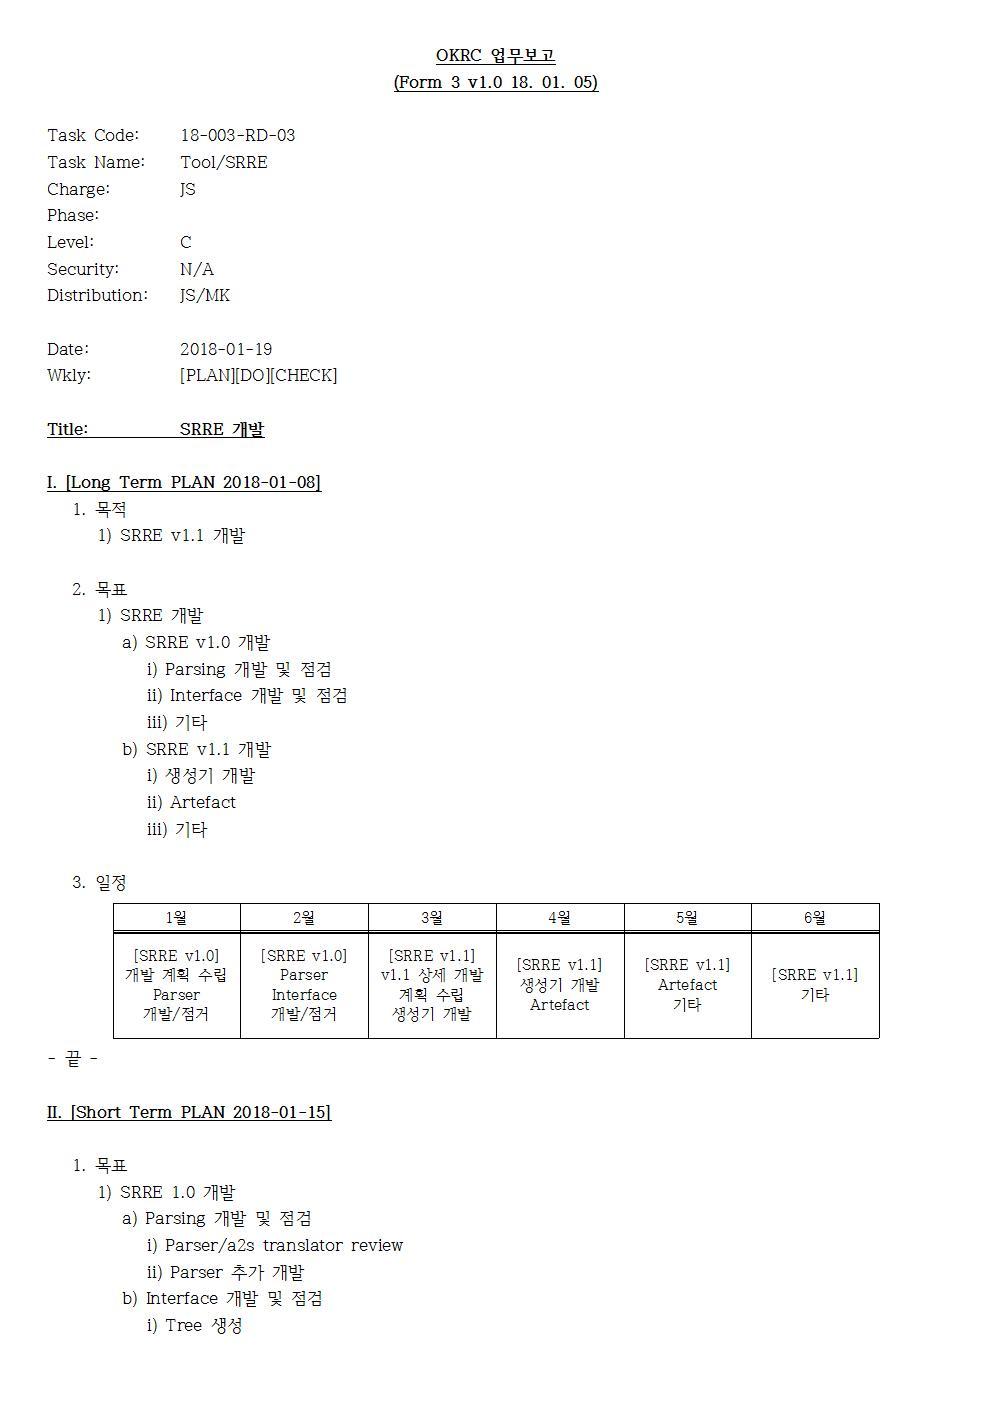 D-[18-003-RD-03]-[SRRE]-[2018-01-19][JS]001.jpg